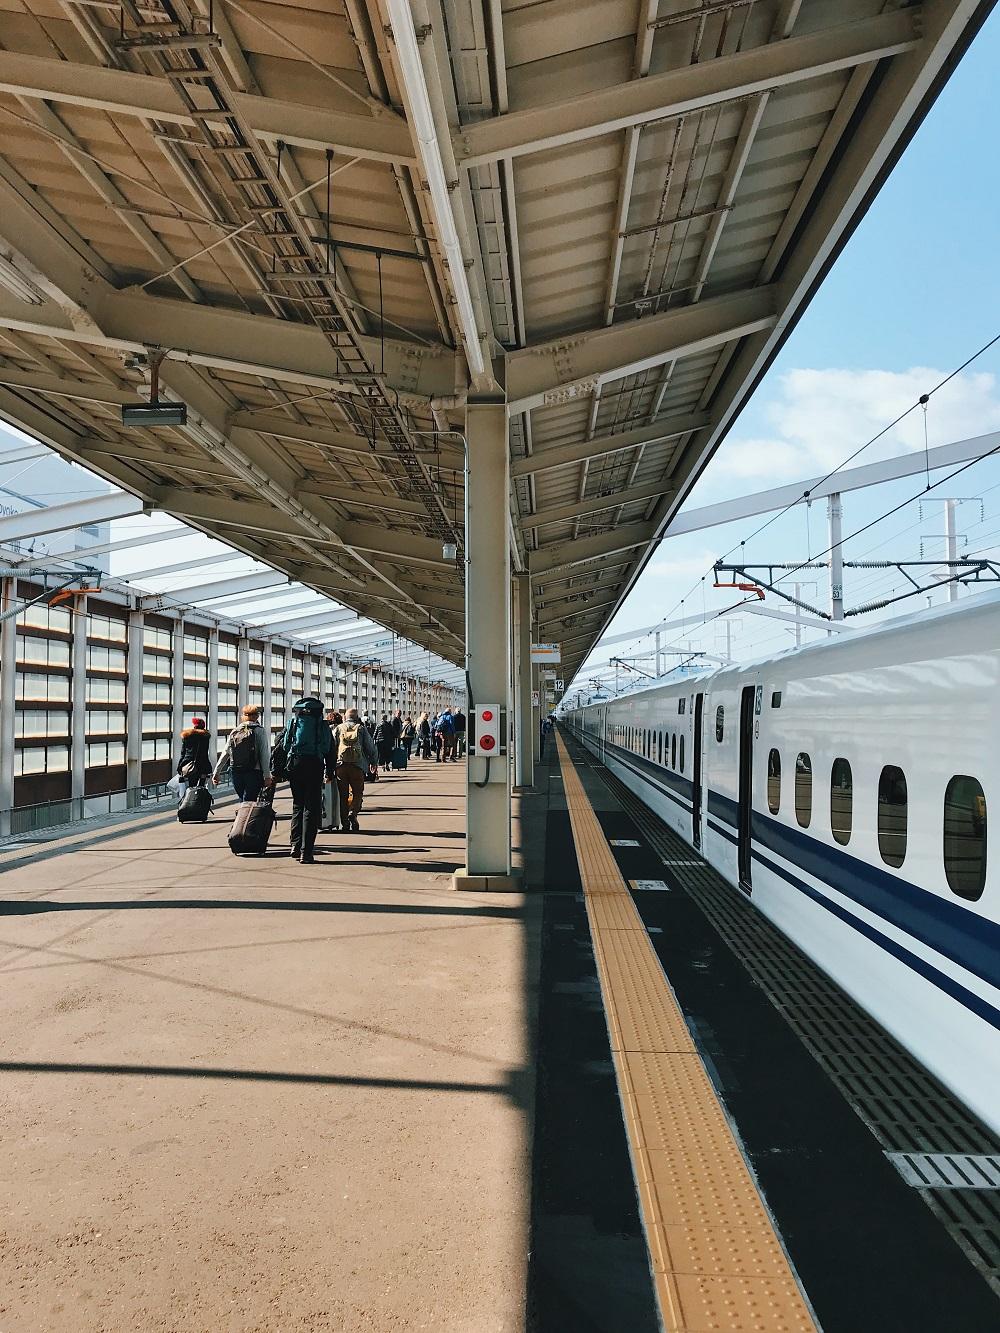 Public Transport in Hokkaido